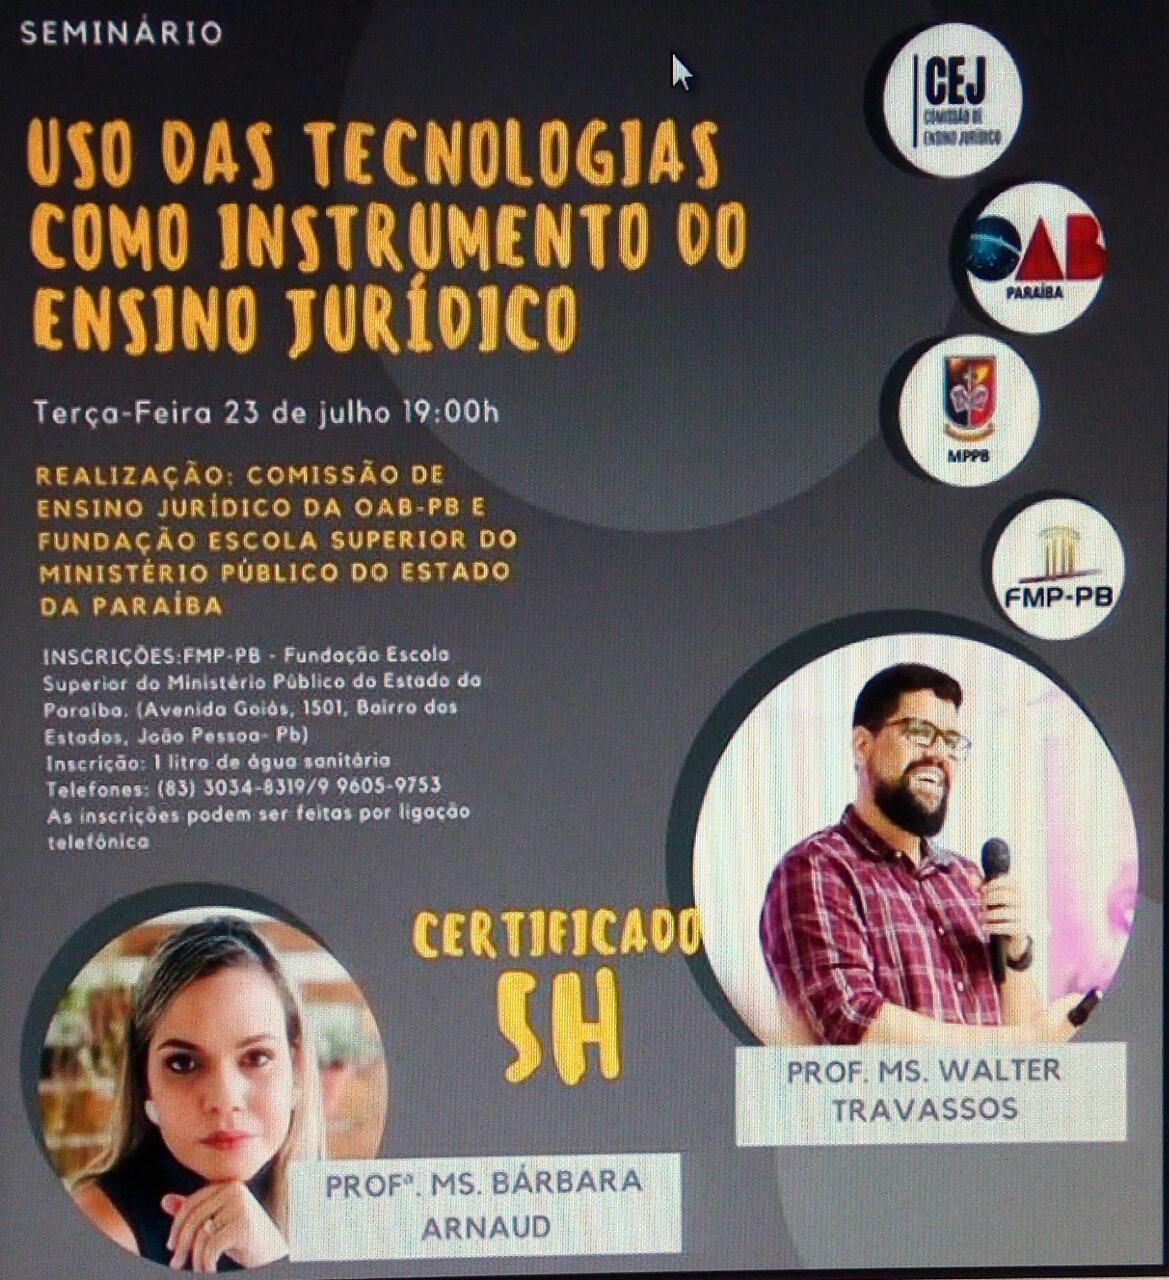 OAB-PB e FESMIP realizarão seminário sobre uso das tecnologias como instrumento do ensino jurídico